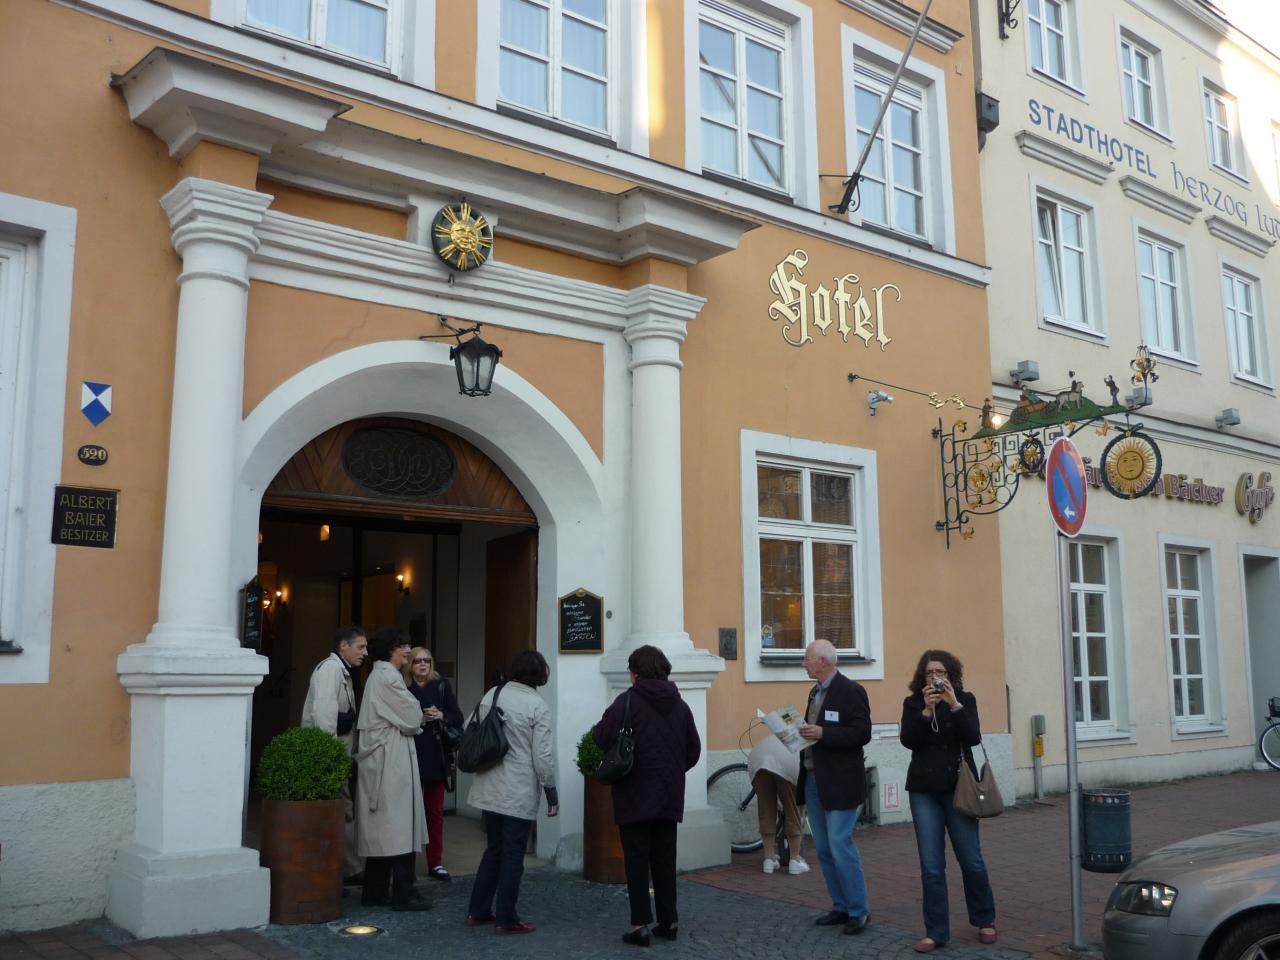 Le groupe prêt à découvrir Landshut